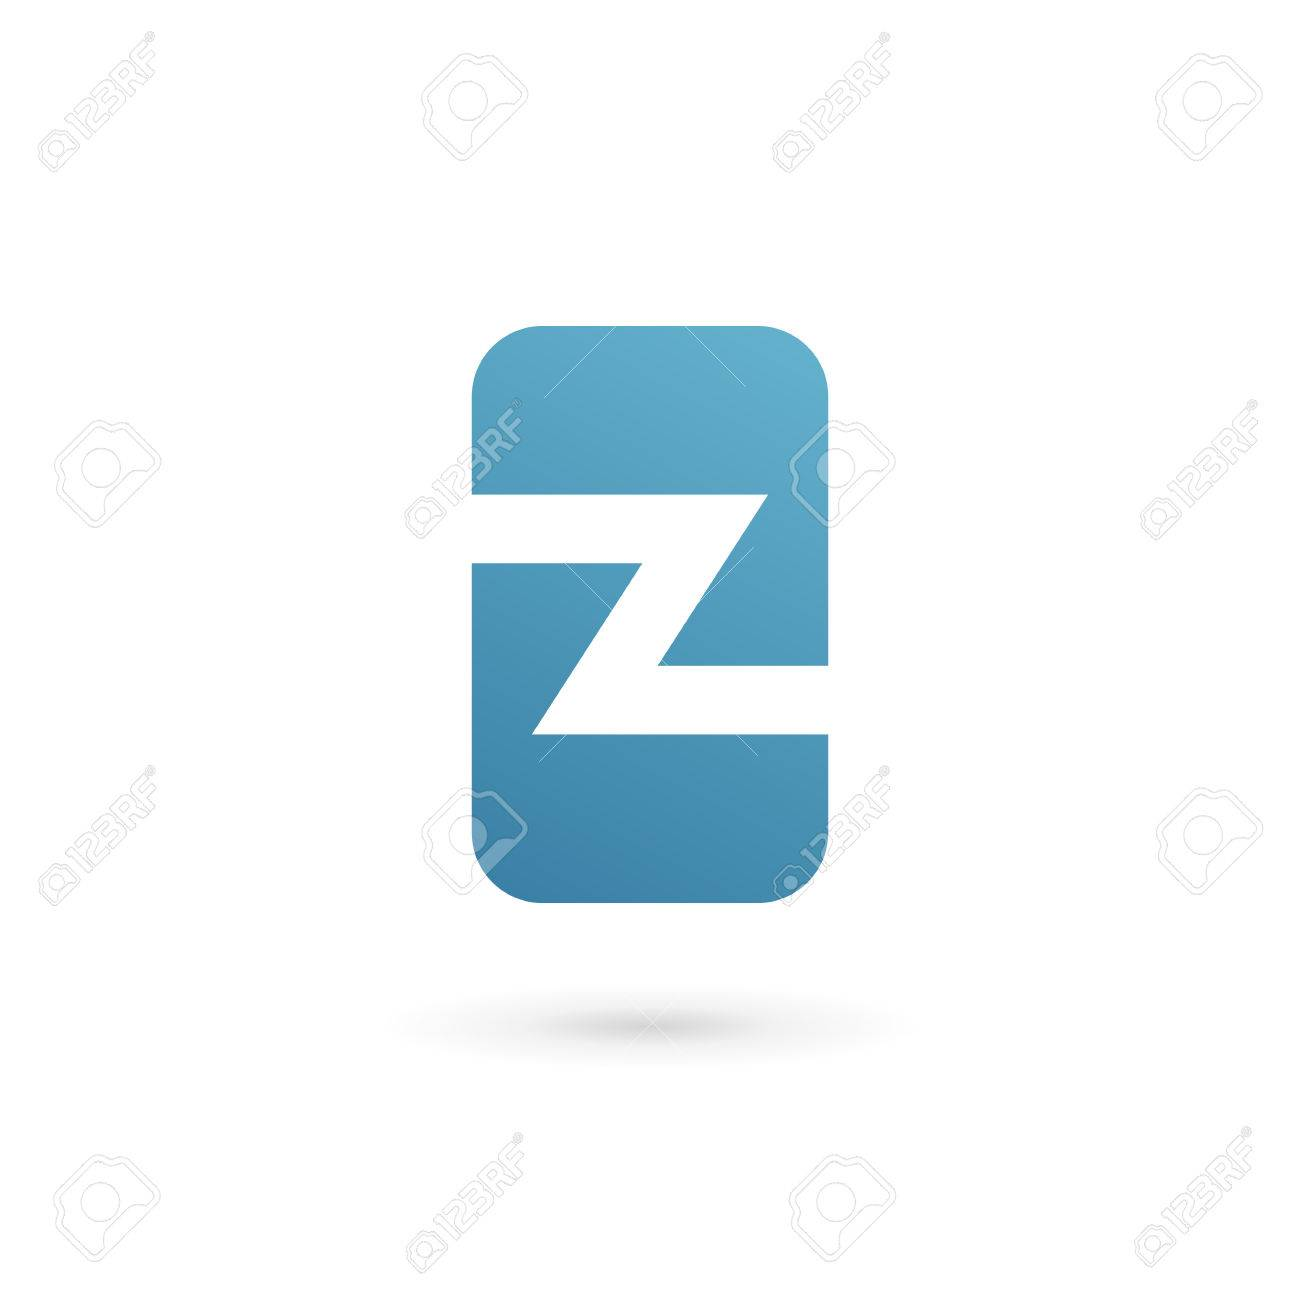 letter design app